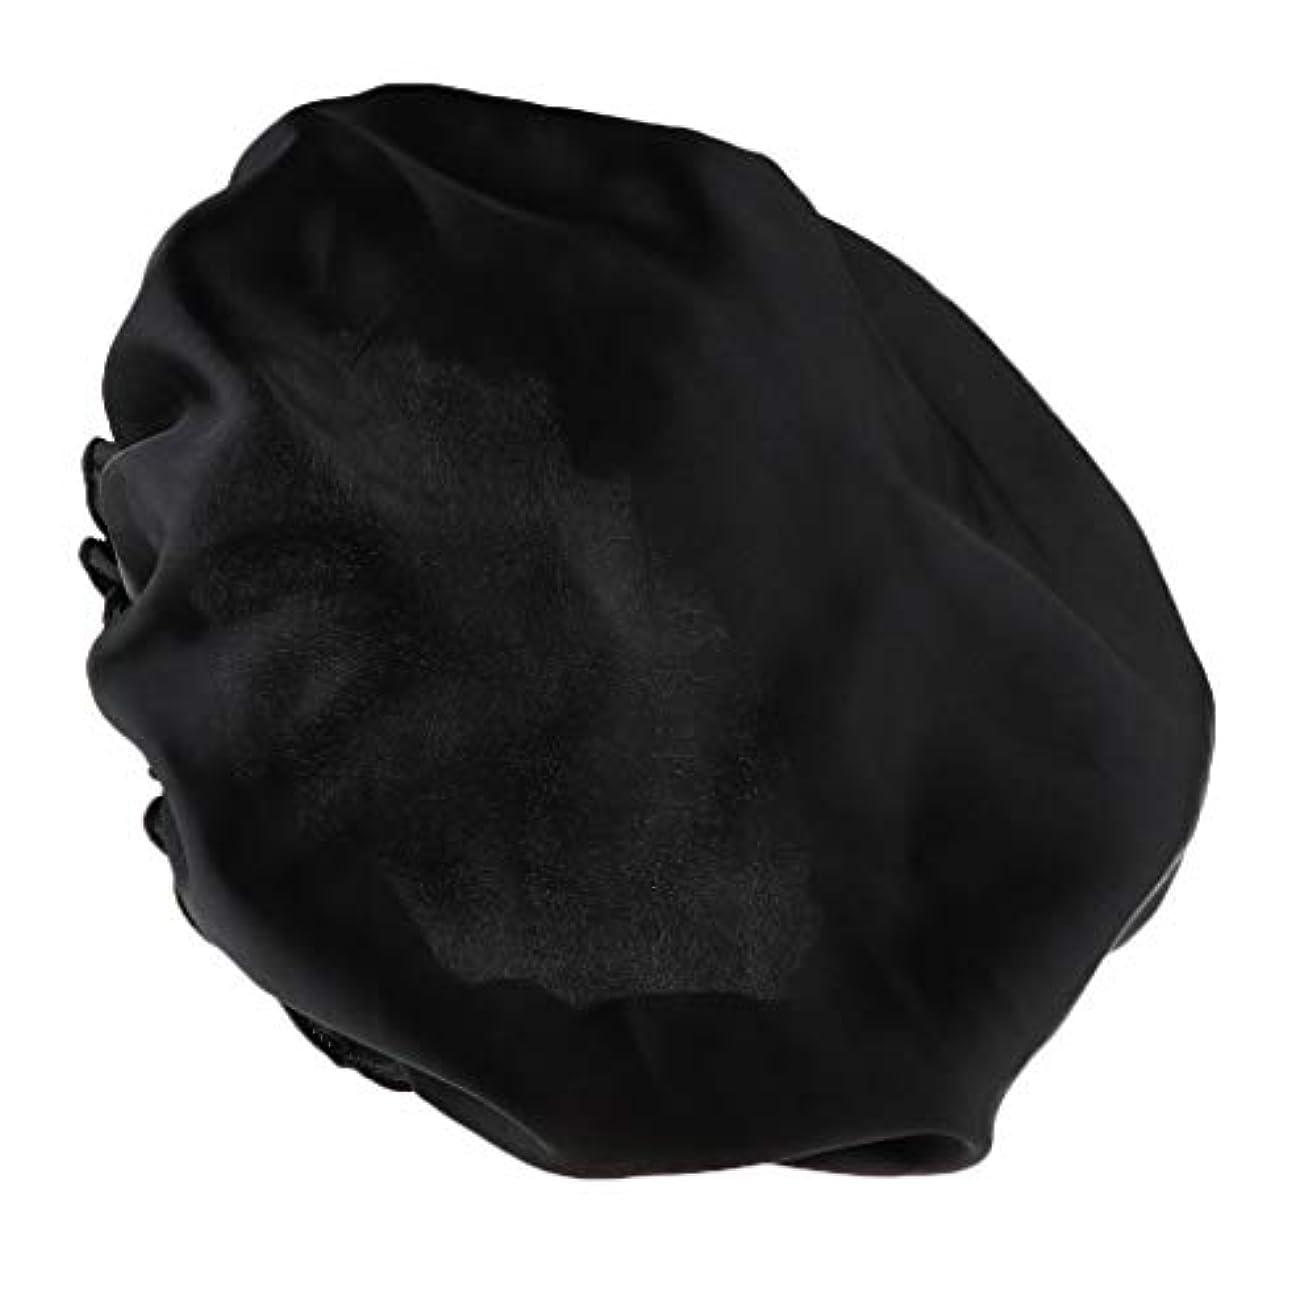 政治的最も早いリルシャワーキャップ シルクサテンキャップ シルクサテン帽子 美容ヘッドカバー 浴用帽子 全8色 - ブラック